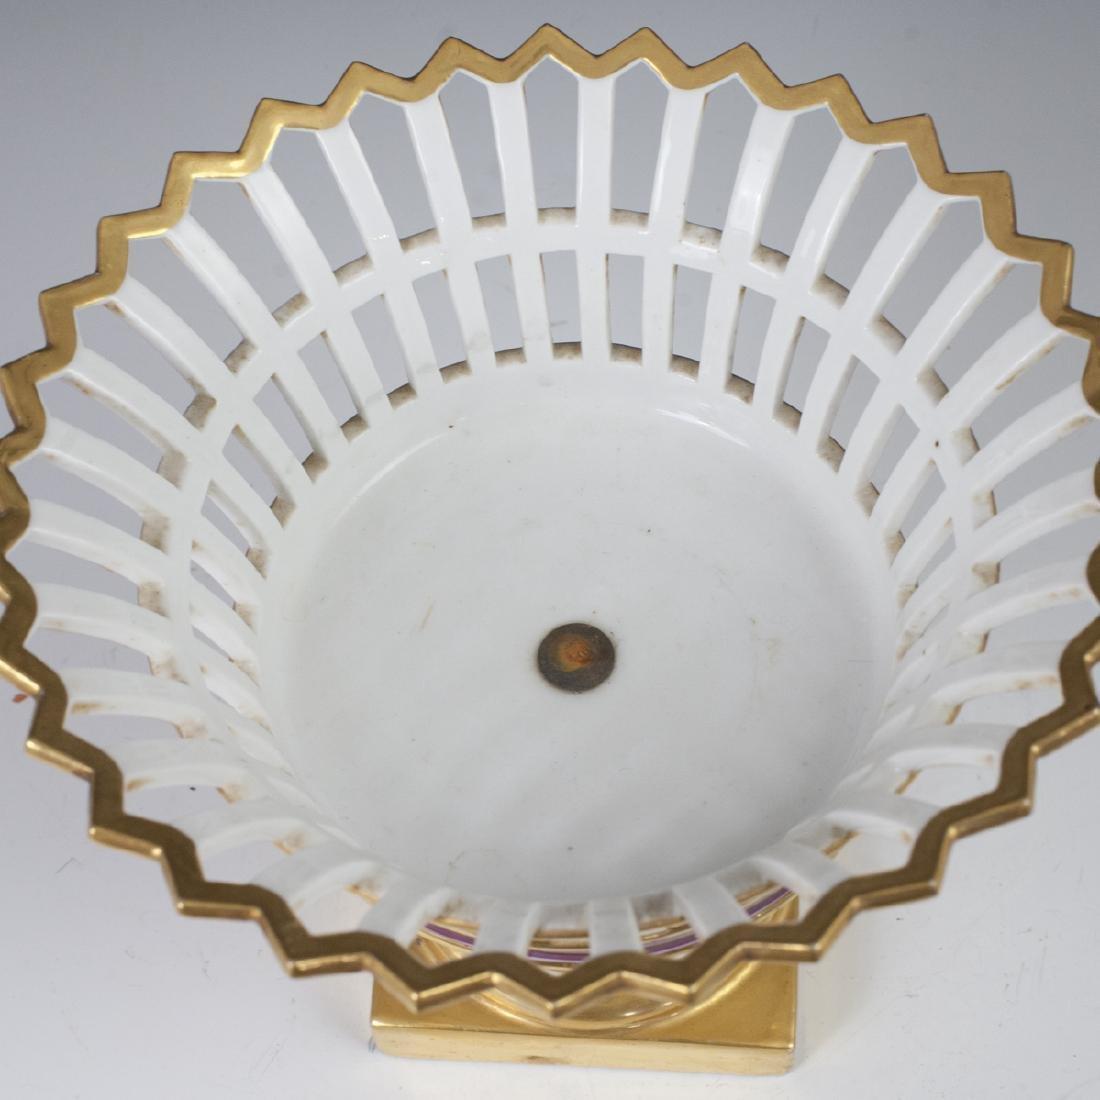 Antique German Porcelain Compote - 5